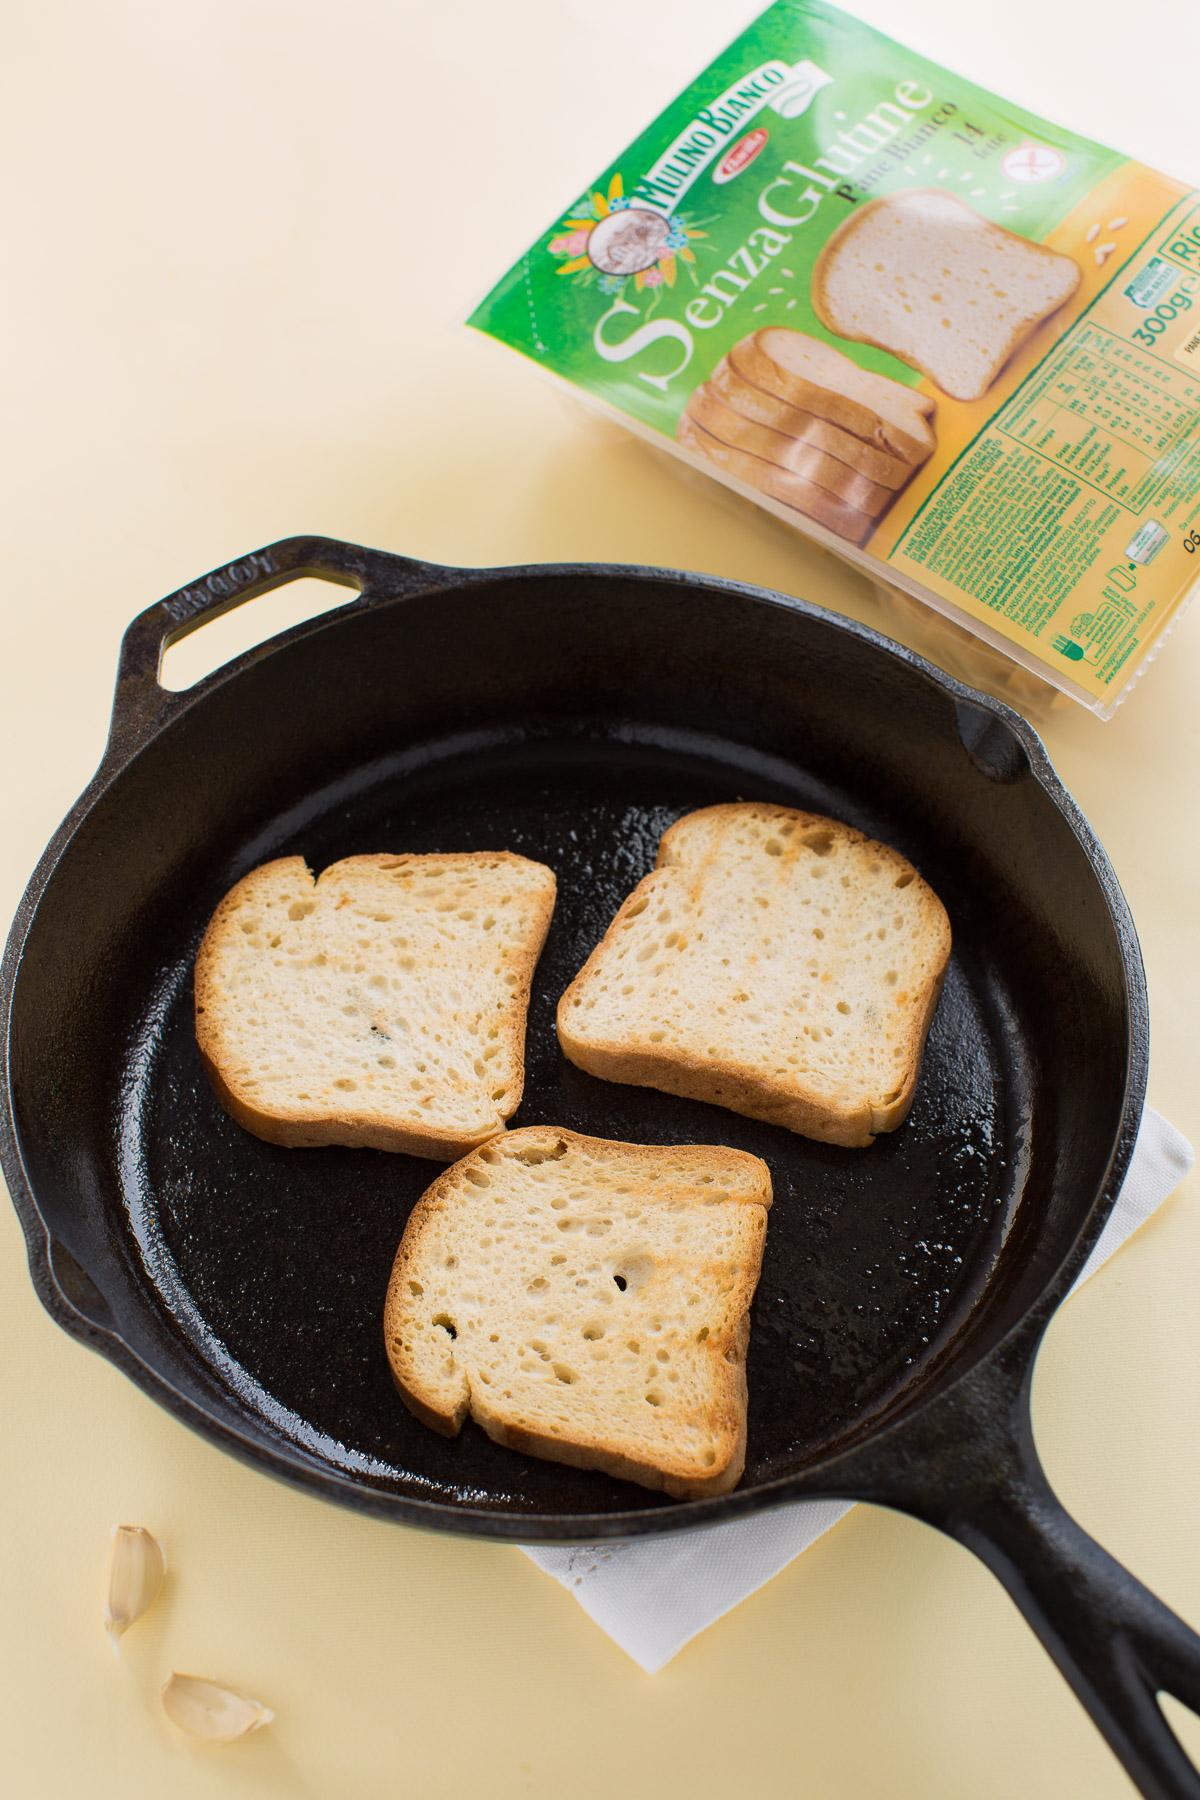 come preparare l'avocado toast vegan senza glutine - how to make a vegan avocado toast